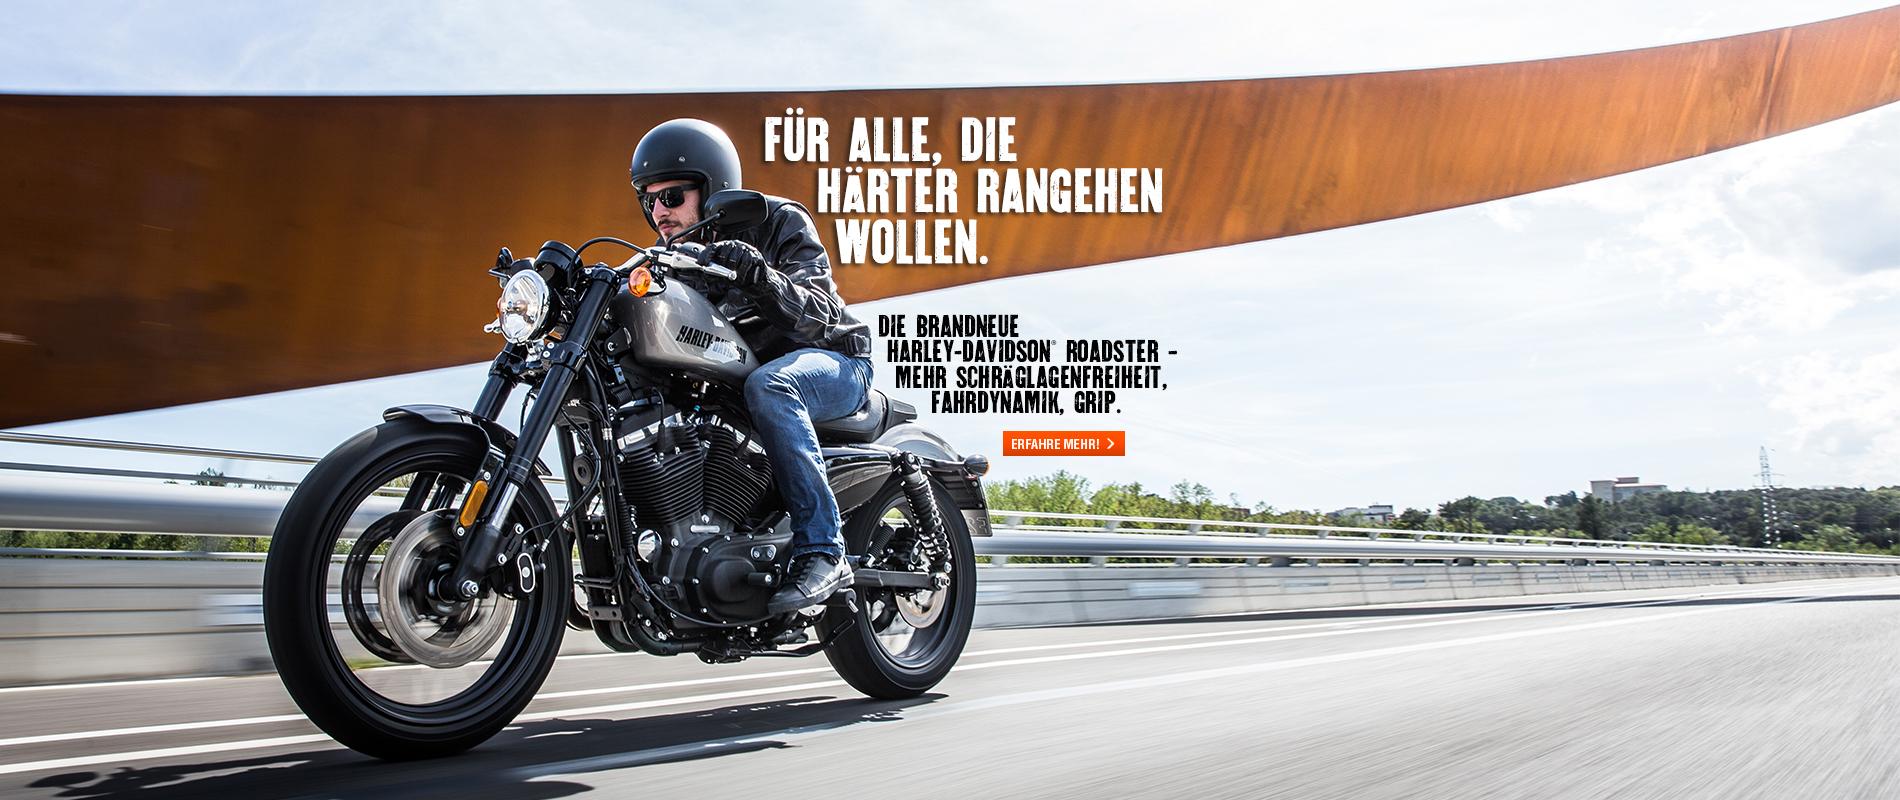 Regensburg_Billboards_Roadster